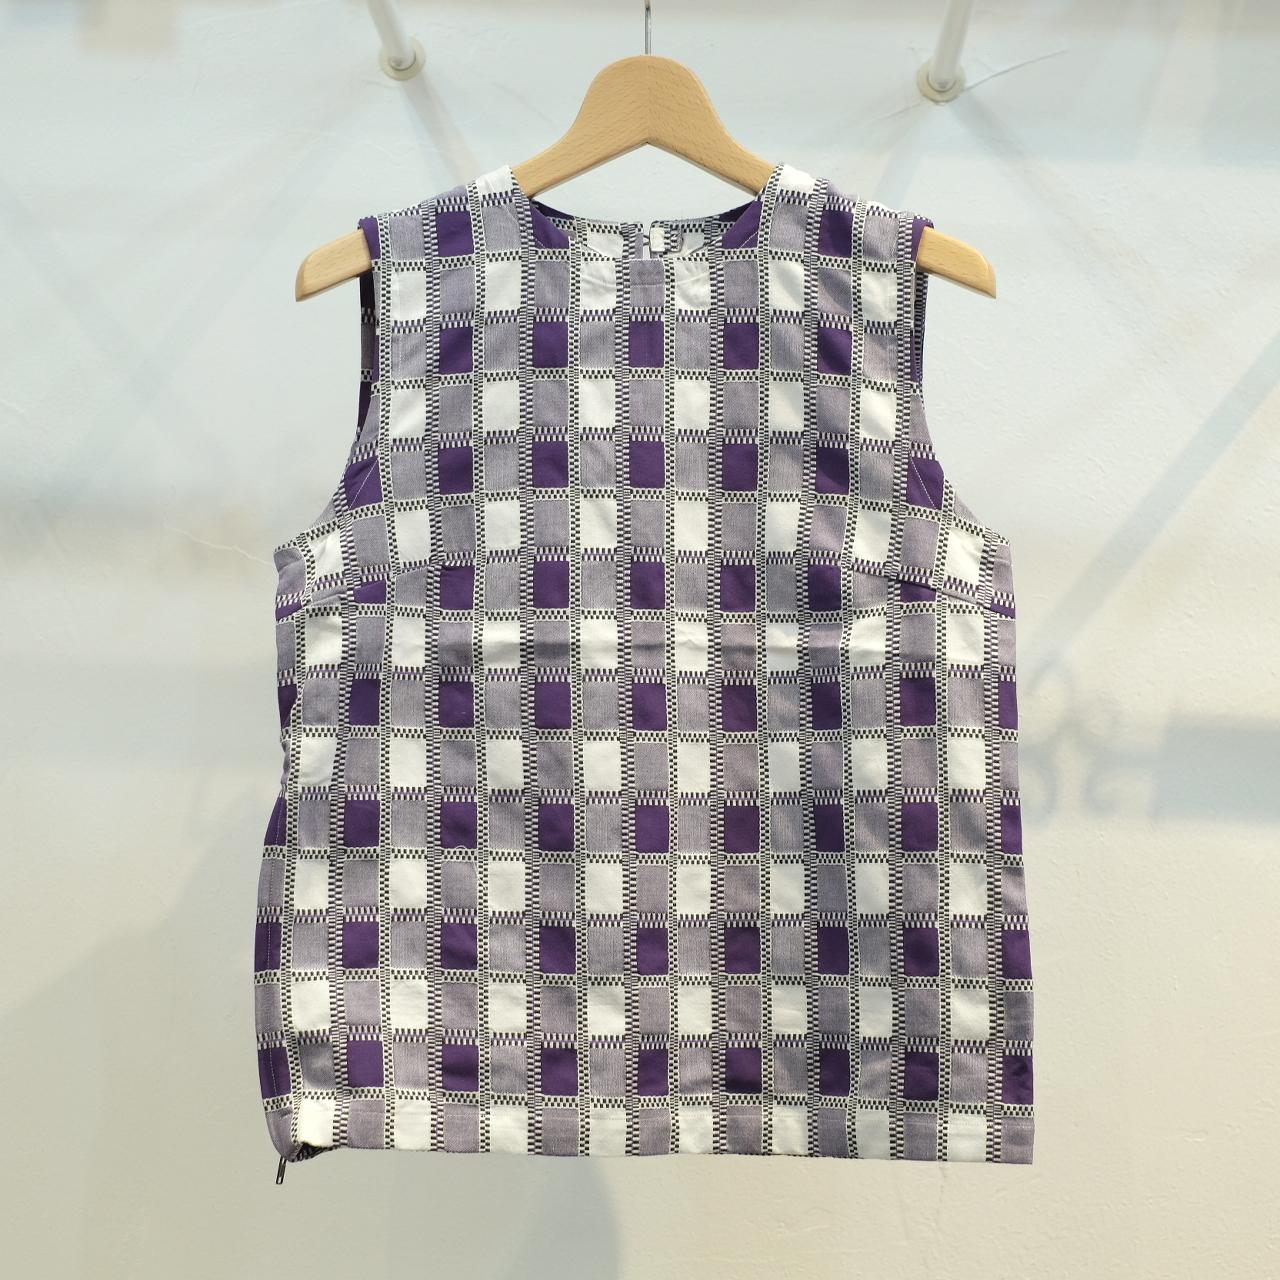 KUON(クオン)レディス 吉野格子(柳格子) ノースリーブシャツ (カットソー) パープル